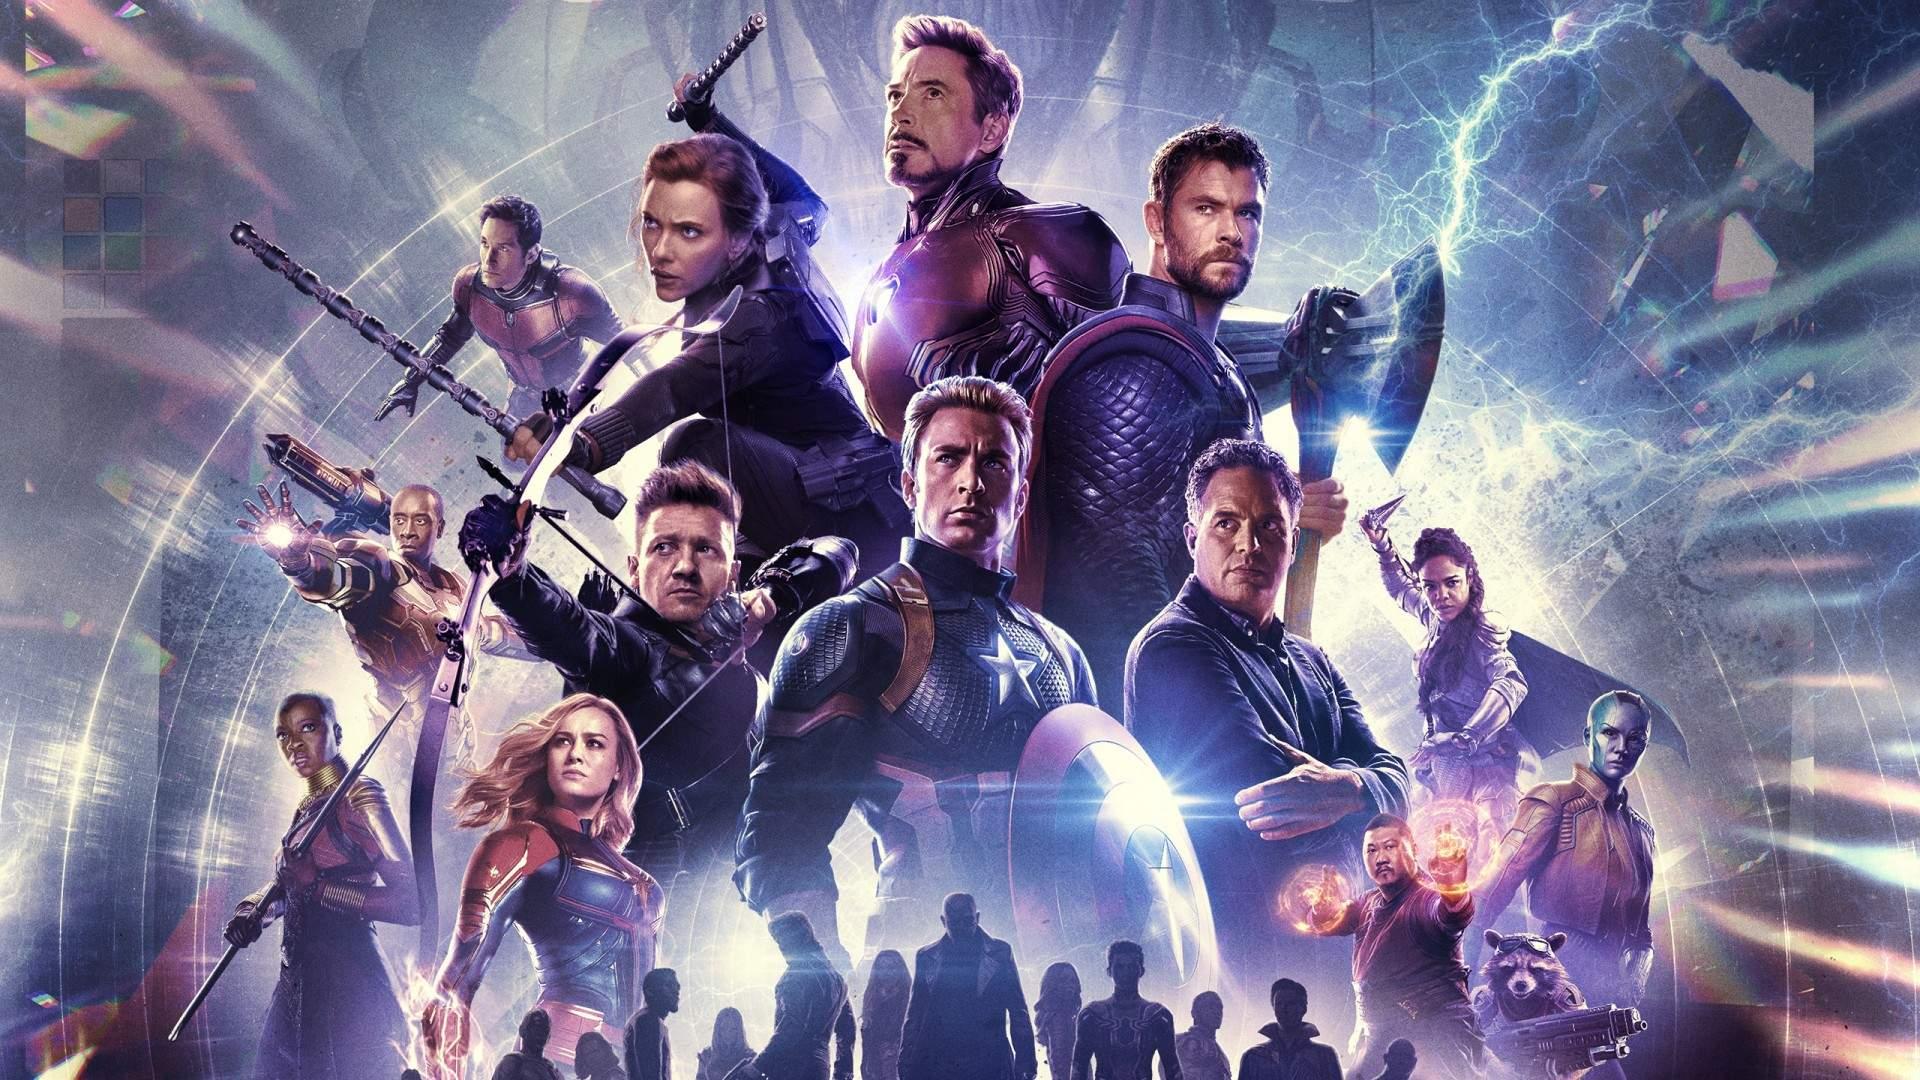 GEHEIMNIS der 'Avengers': Marvel-Produzentin verrät im Interview